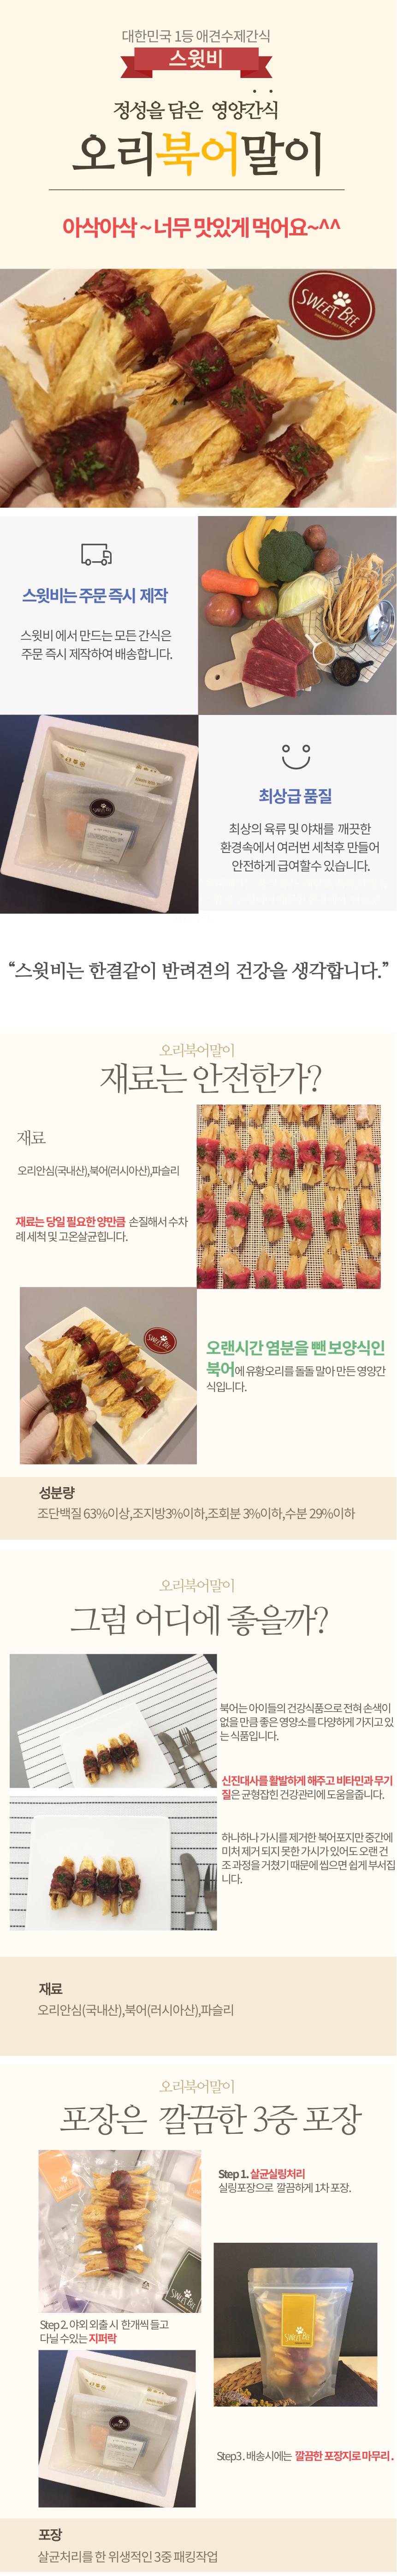 스윗비 강아지 수제간식 오리북어말이 60g - 스윗비, 7,000원, 간식/영양제, 수제간식